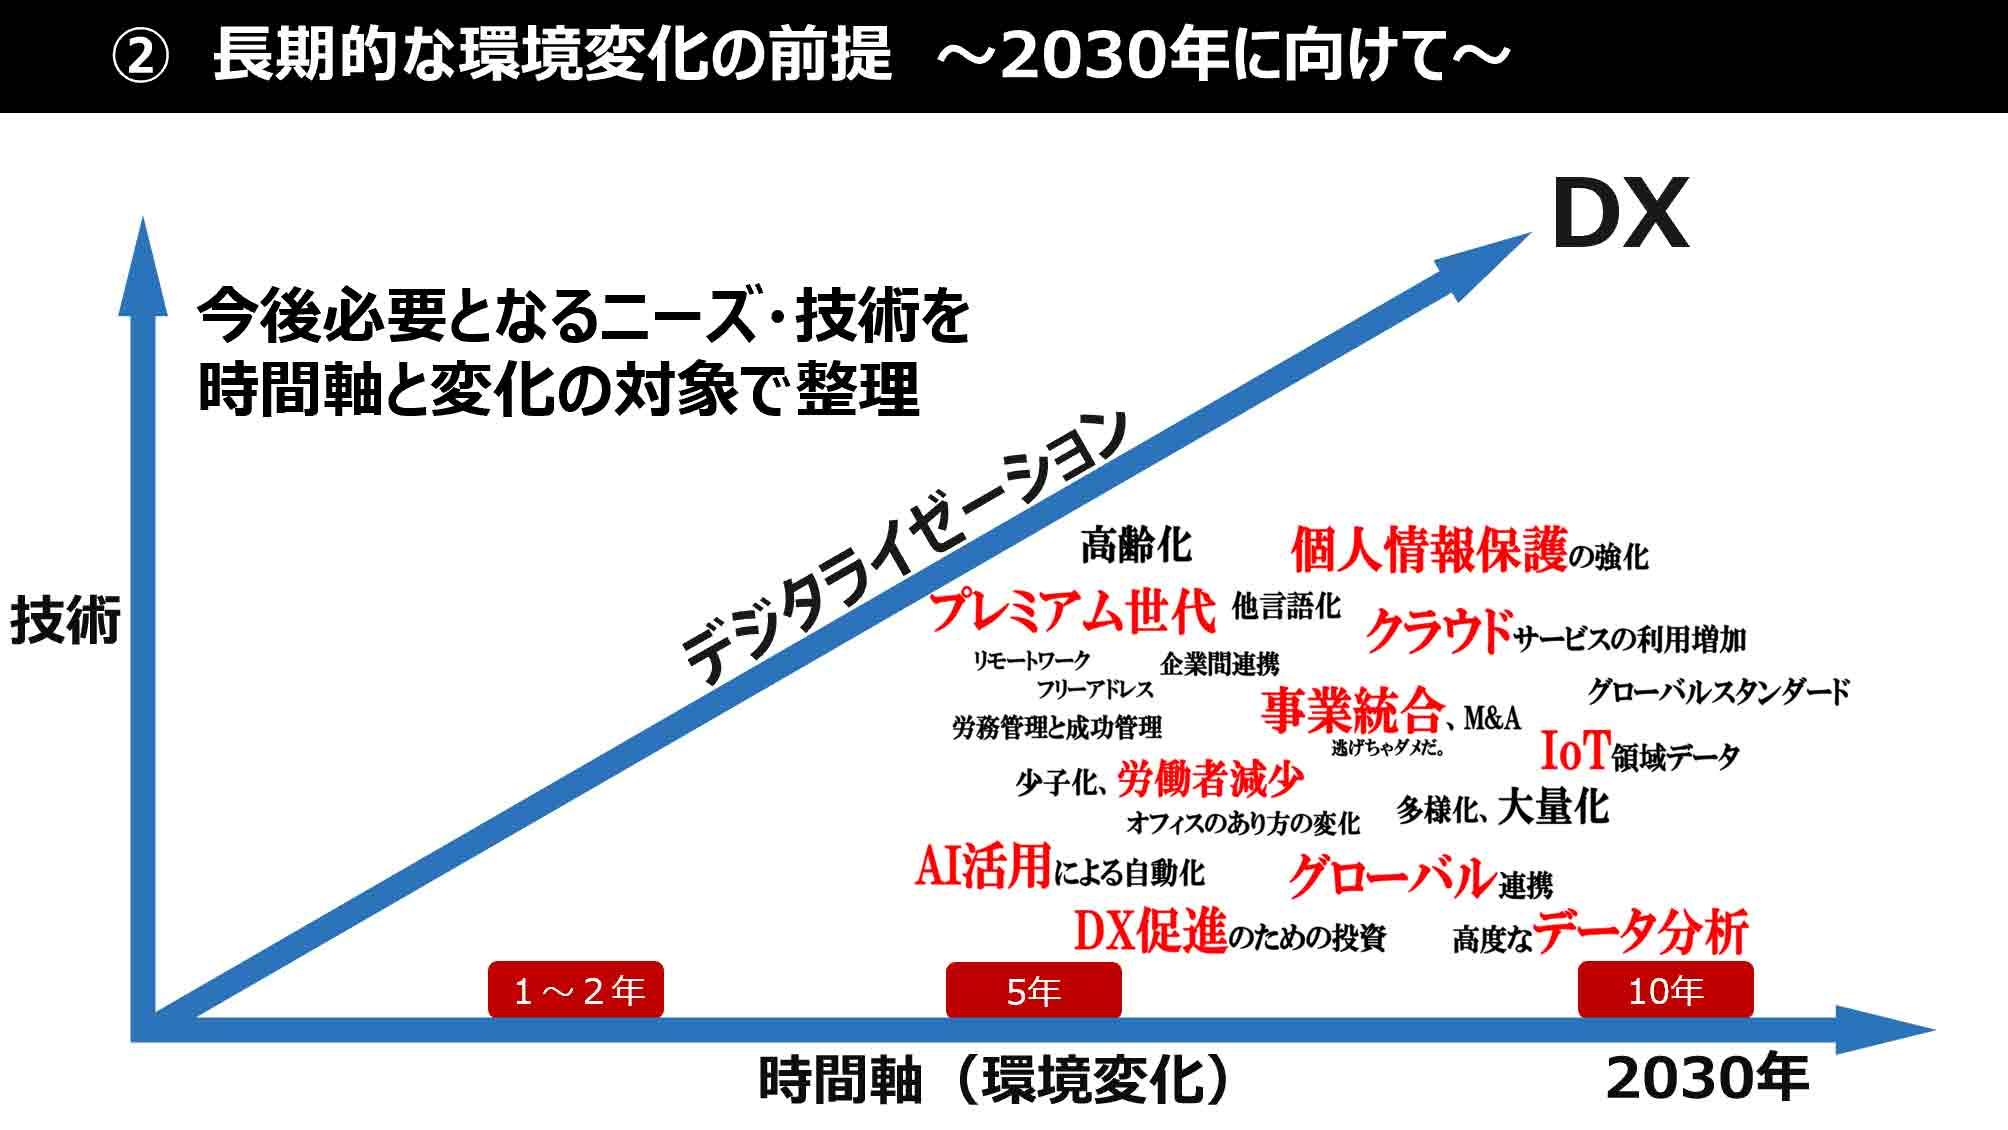 ②長期的な環境変化の前提 〜2030年に向けて〜